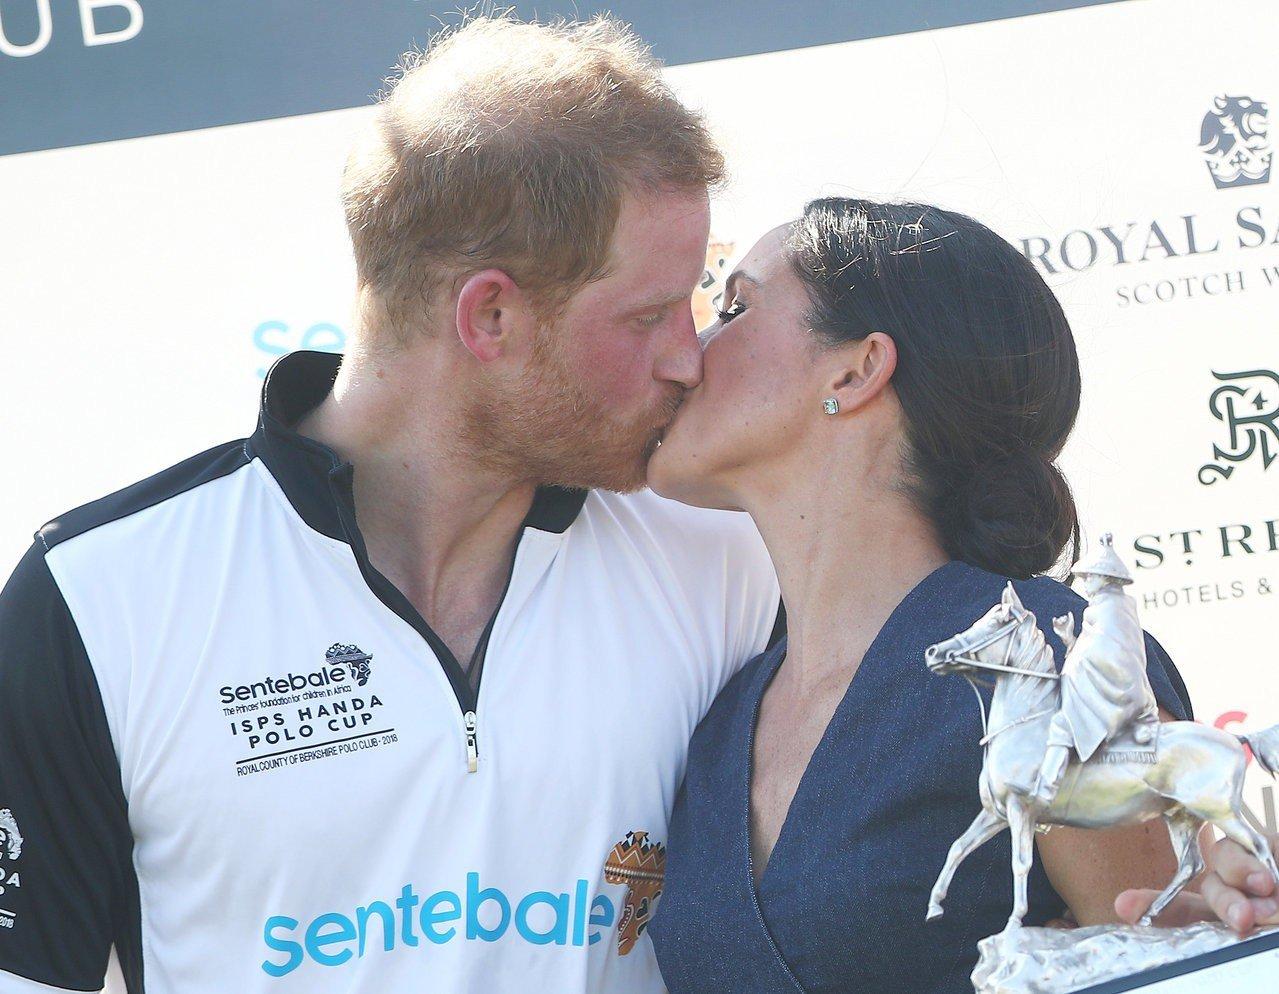 「馬球場之吻」是皇室成員難得被捕捉到的親密畫面。(路透社)